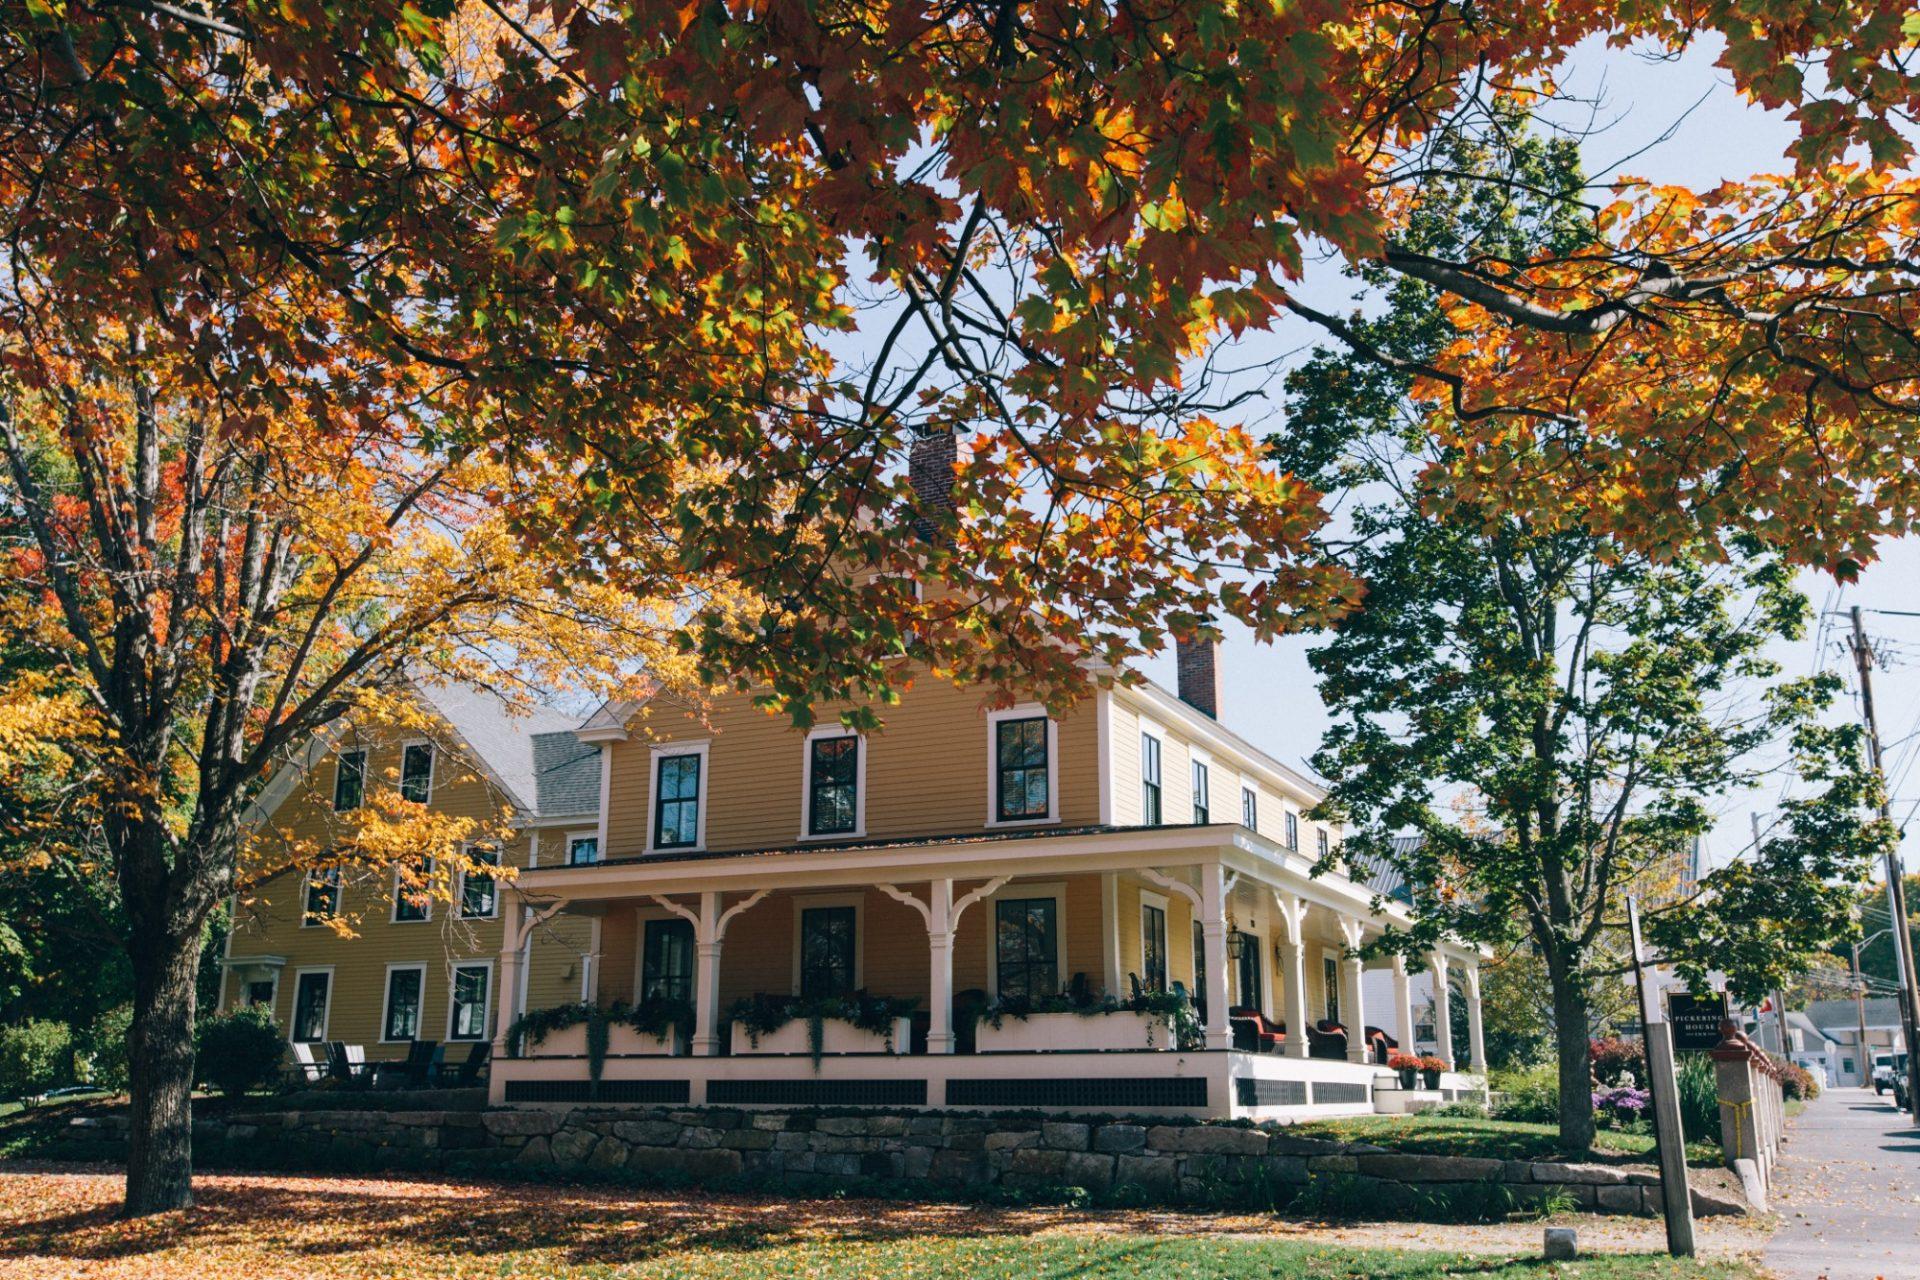 Pickering House Inn, Wolfeboro, New Hampshire